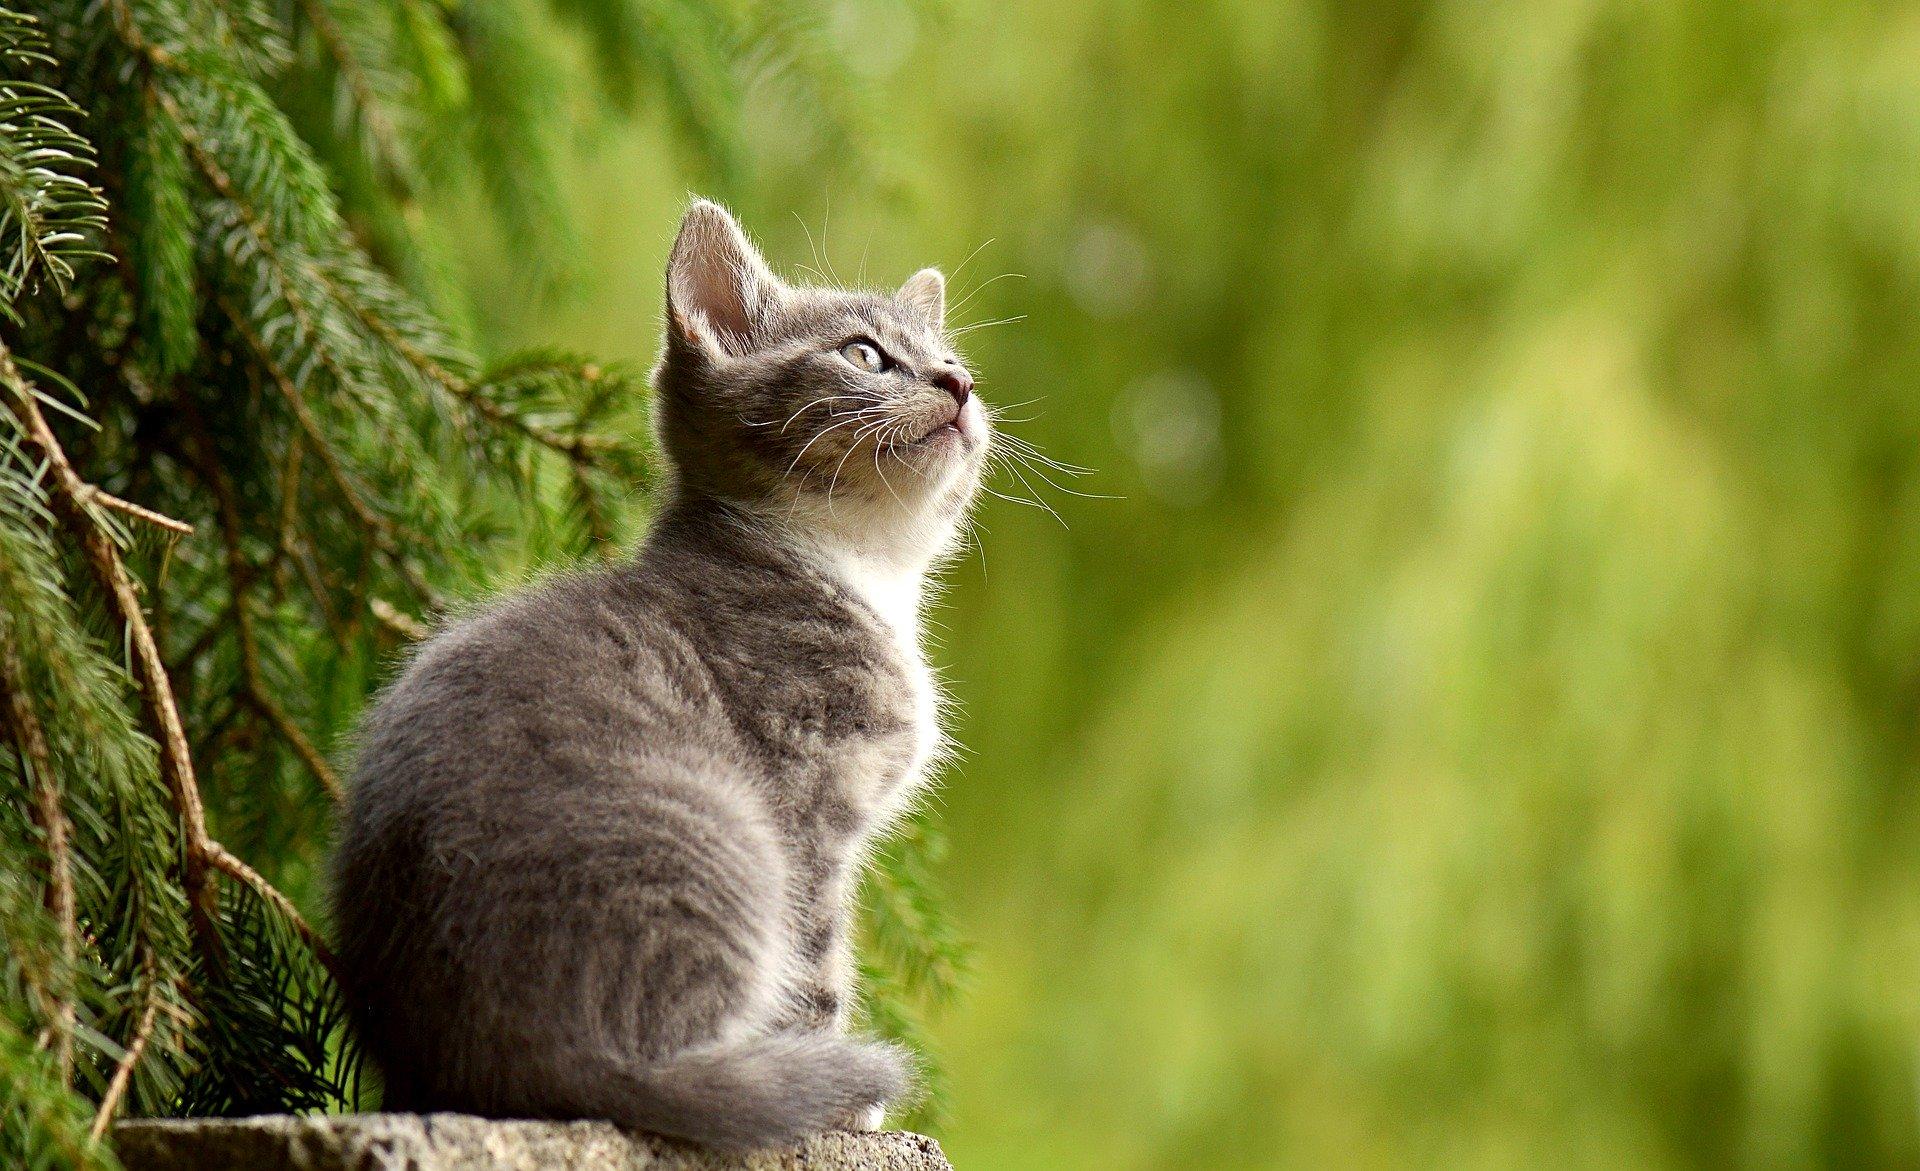 Hay gatos que no se dejarán acariciar